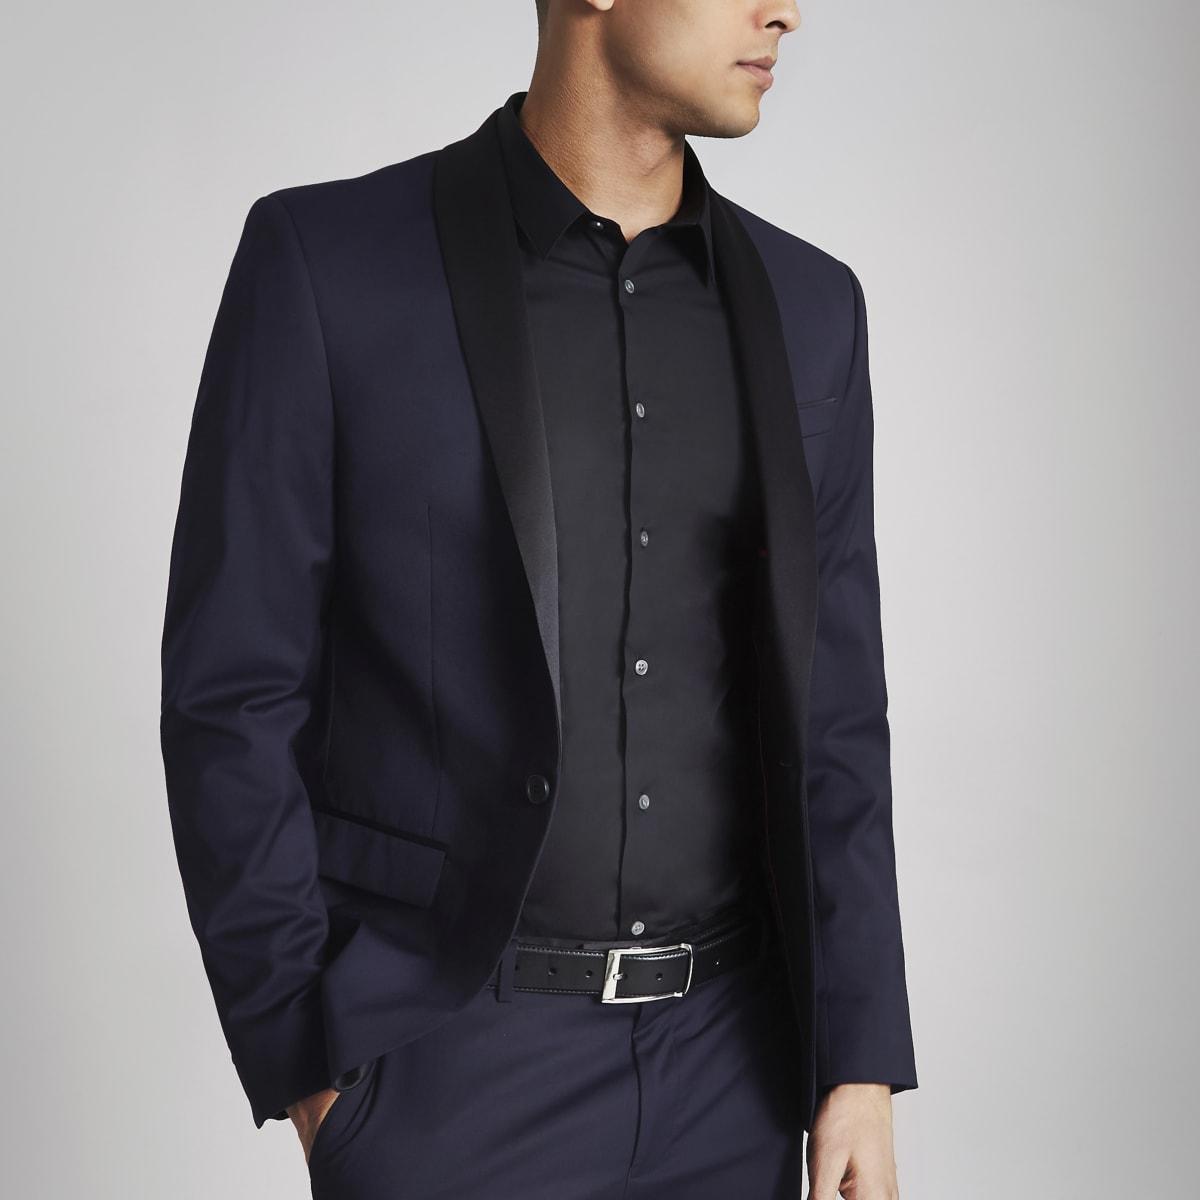 Navy and black stretch skinny tuxedo jacket